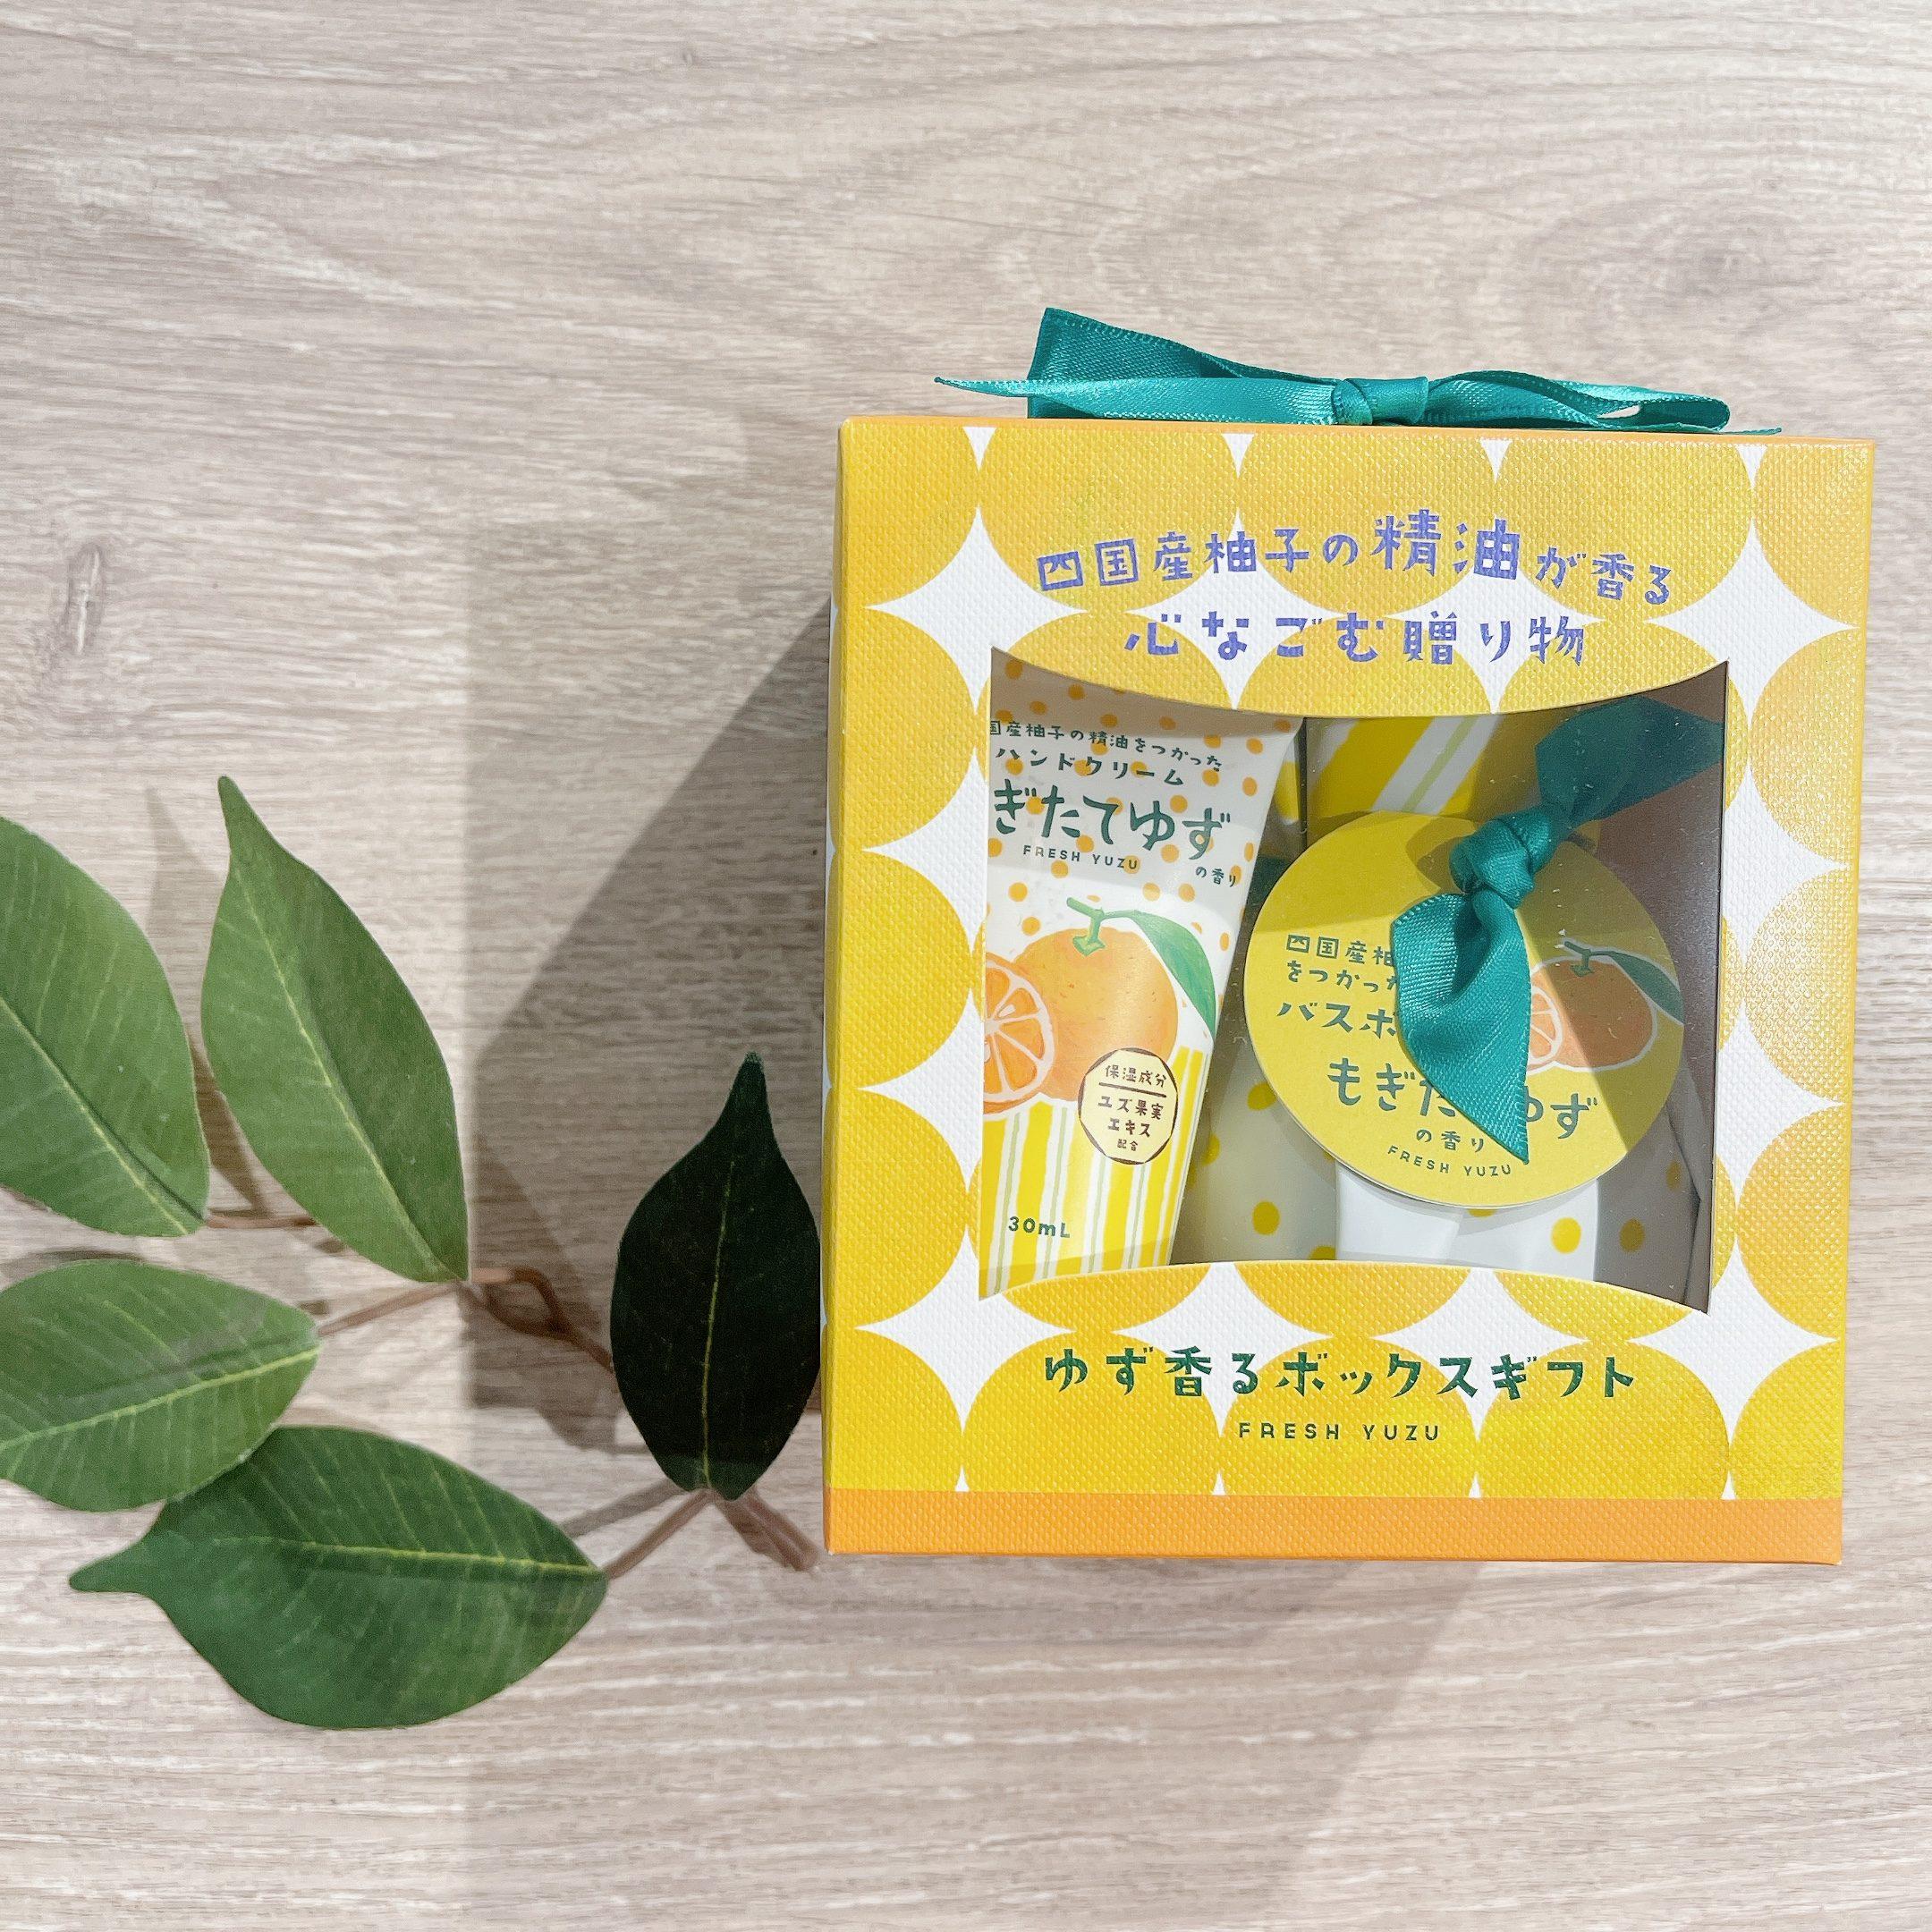 ゆず香るボックスギフト<br /> ¥990